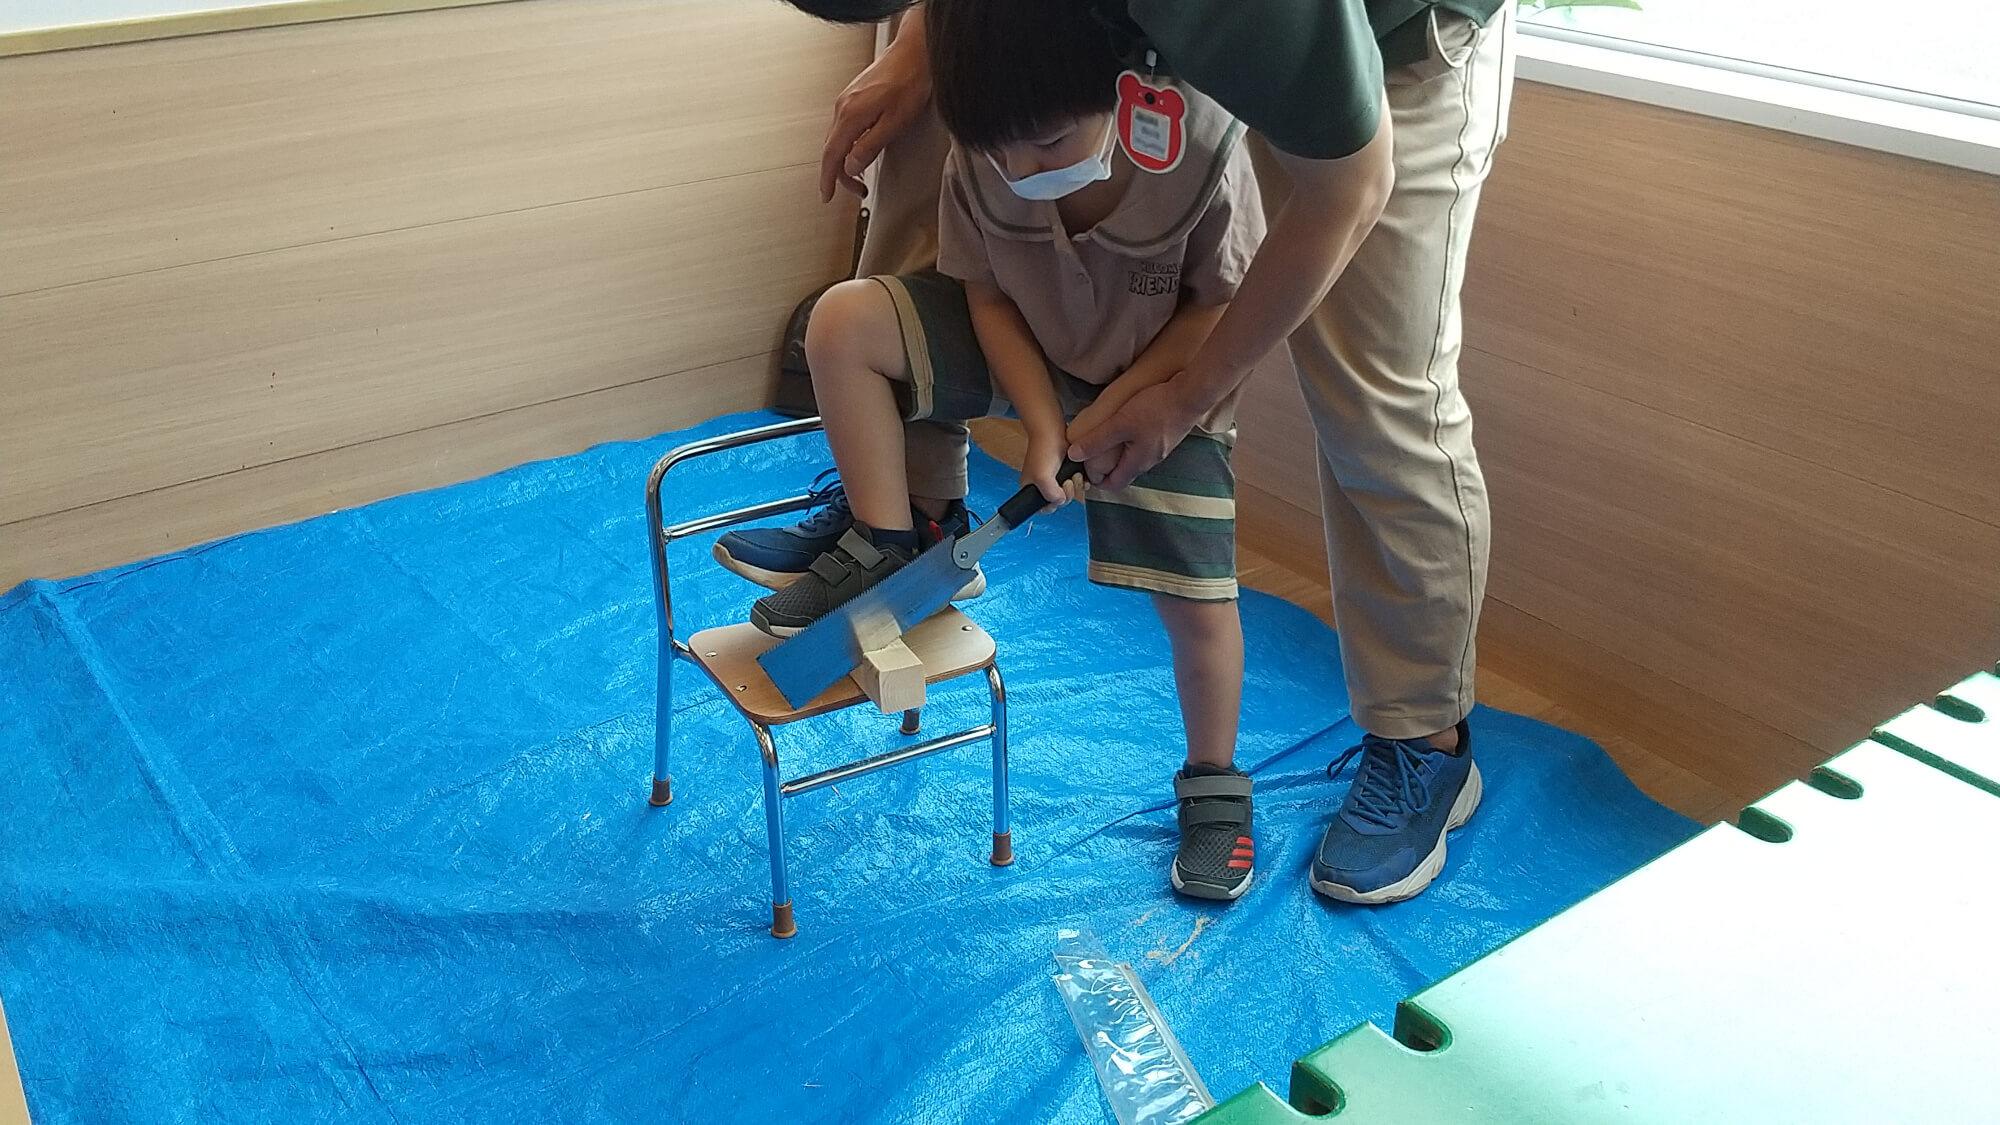 子どもが職員の手を借りながら角材をのこぎりで切る様子